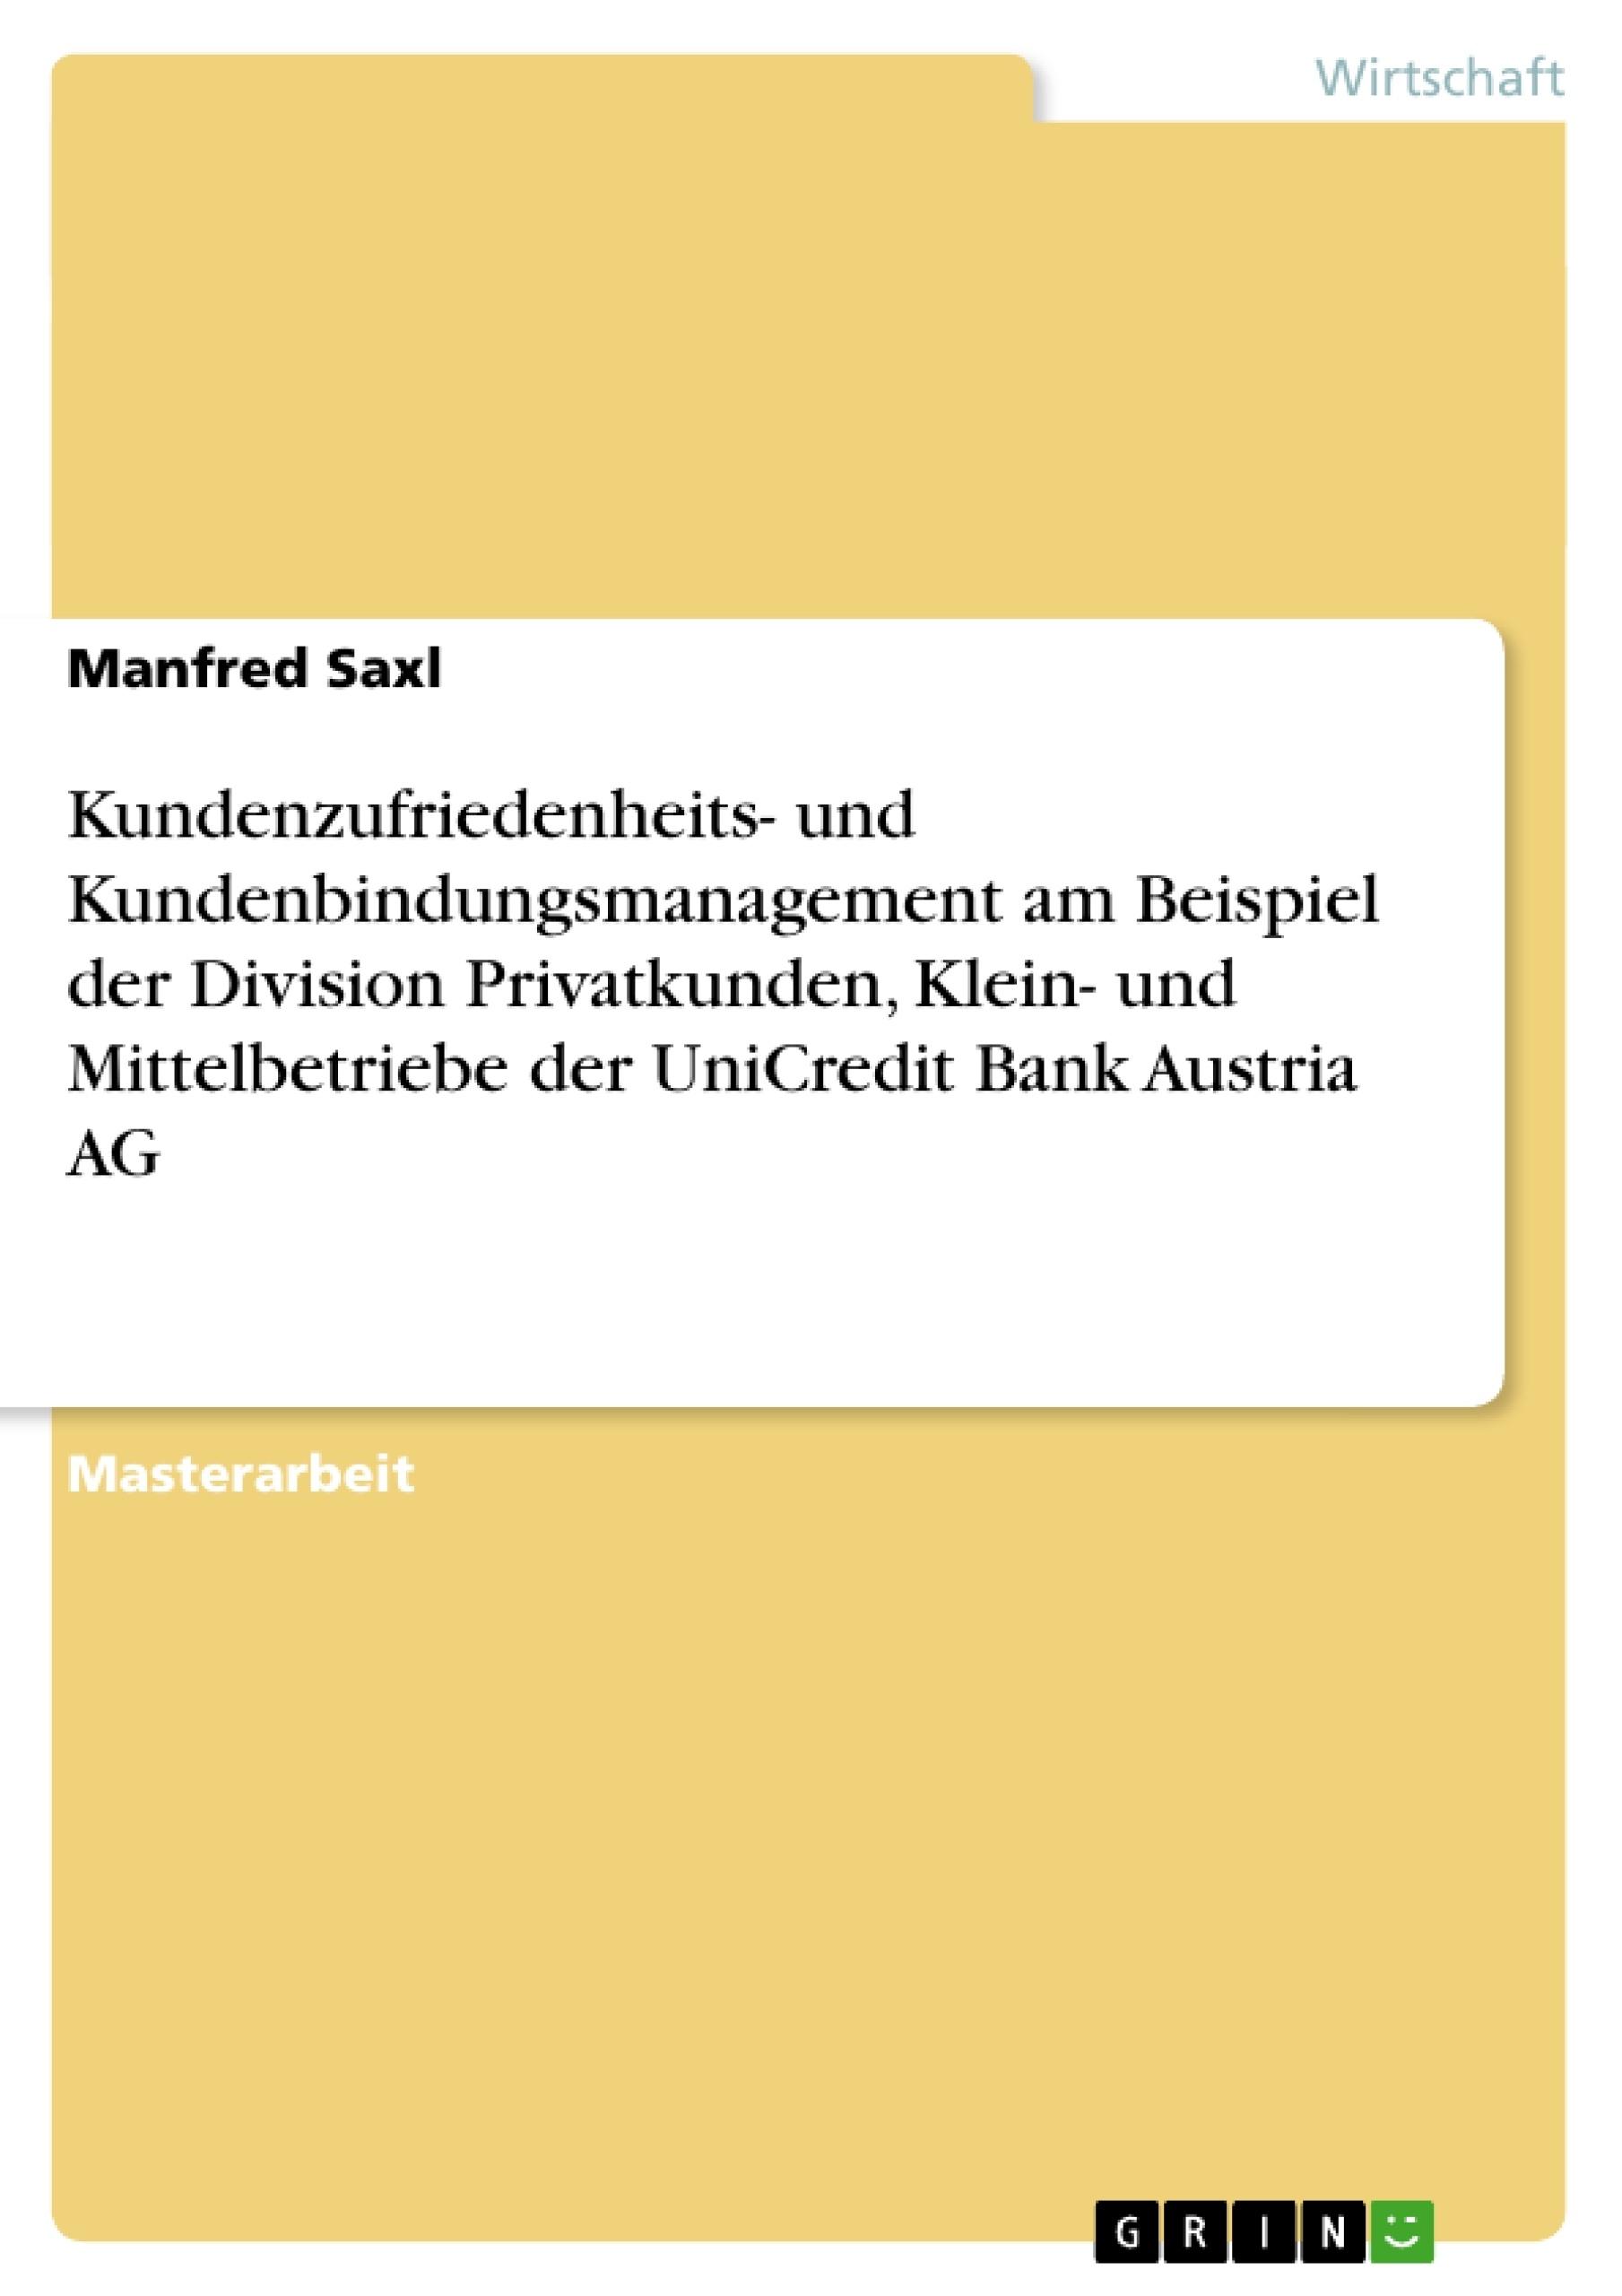 Titel: Kundenzufriedenheits- und Kundenbindungsmanagement am Beispiel der Division Privatkunden, Klein- und Mittelbetriebe der UniCredit Bank Austria AG